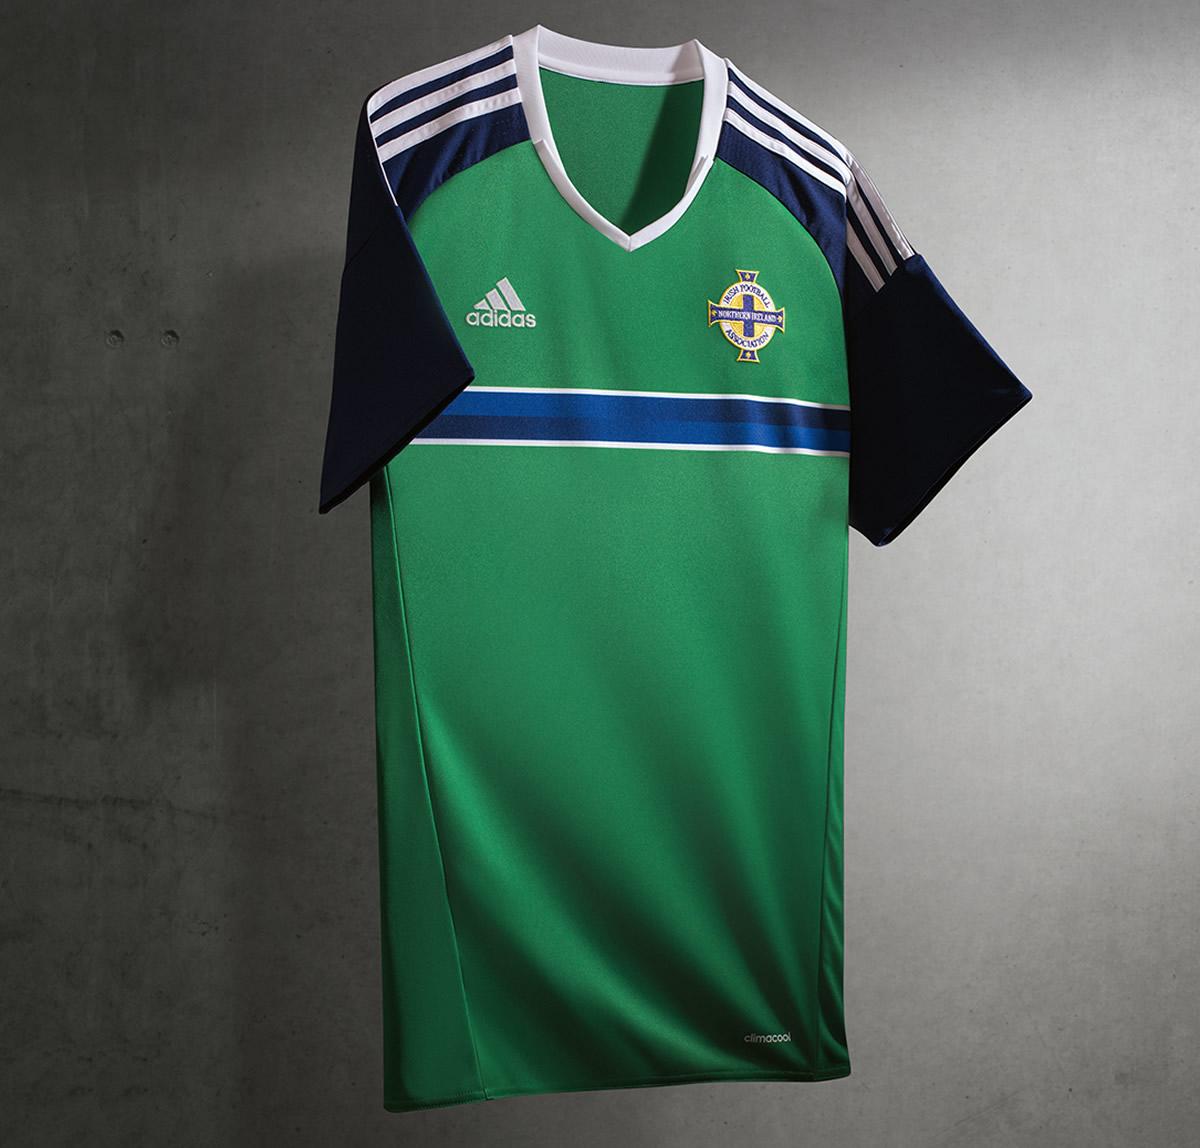 Camiseta titular de Irlanda del Norte para la Euro 2016   Foto Adidas